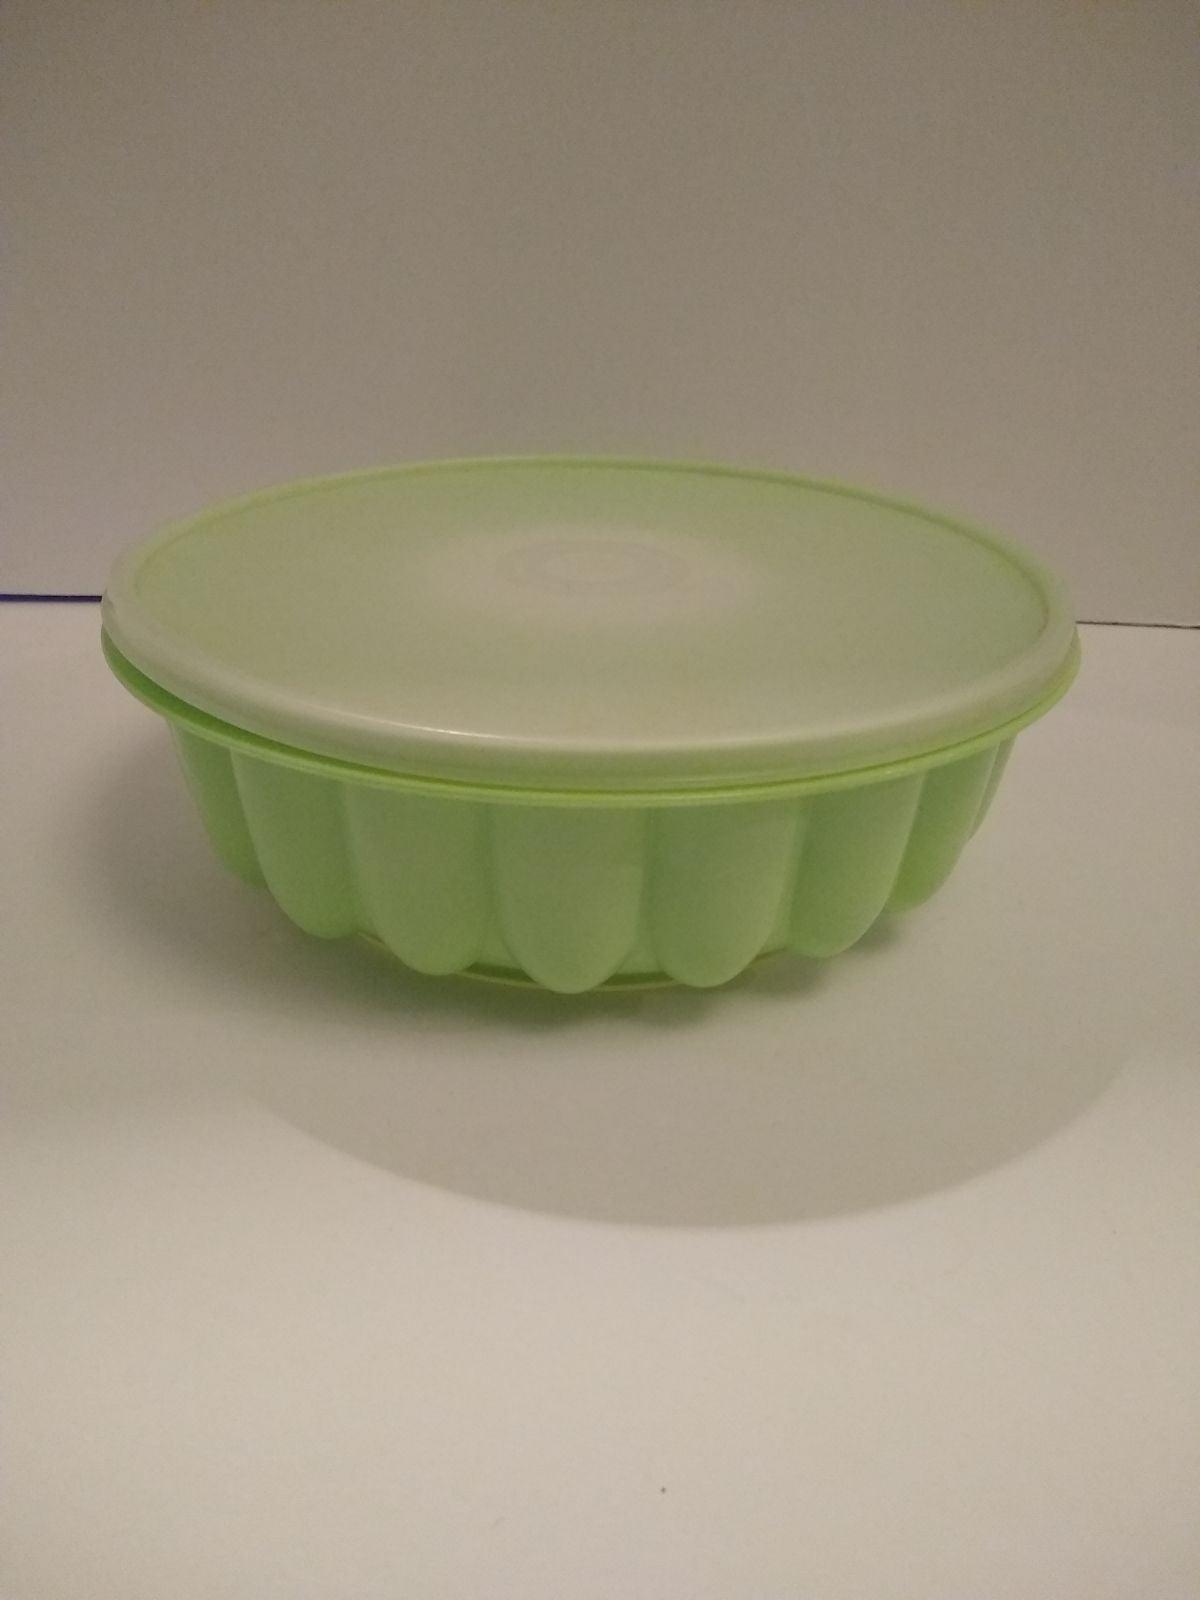 Tupperware Jello Mold Ring Mint Green Vi